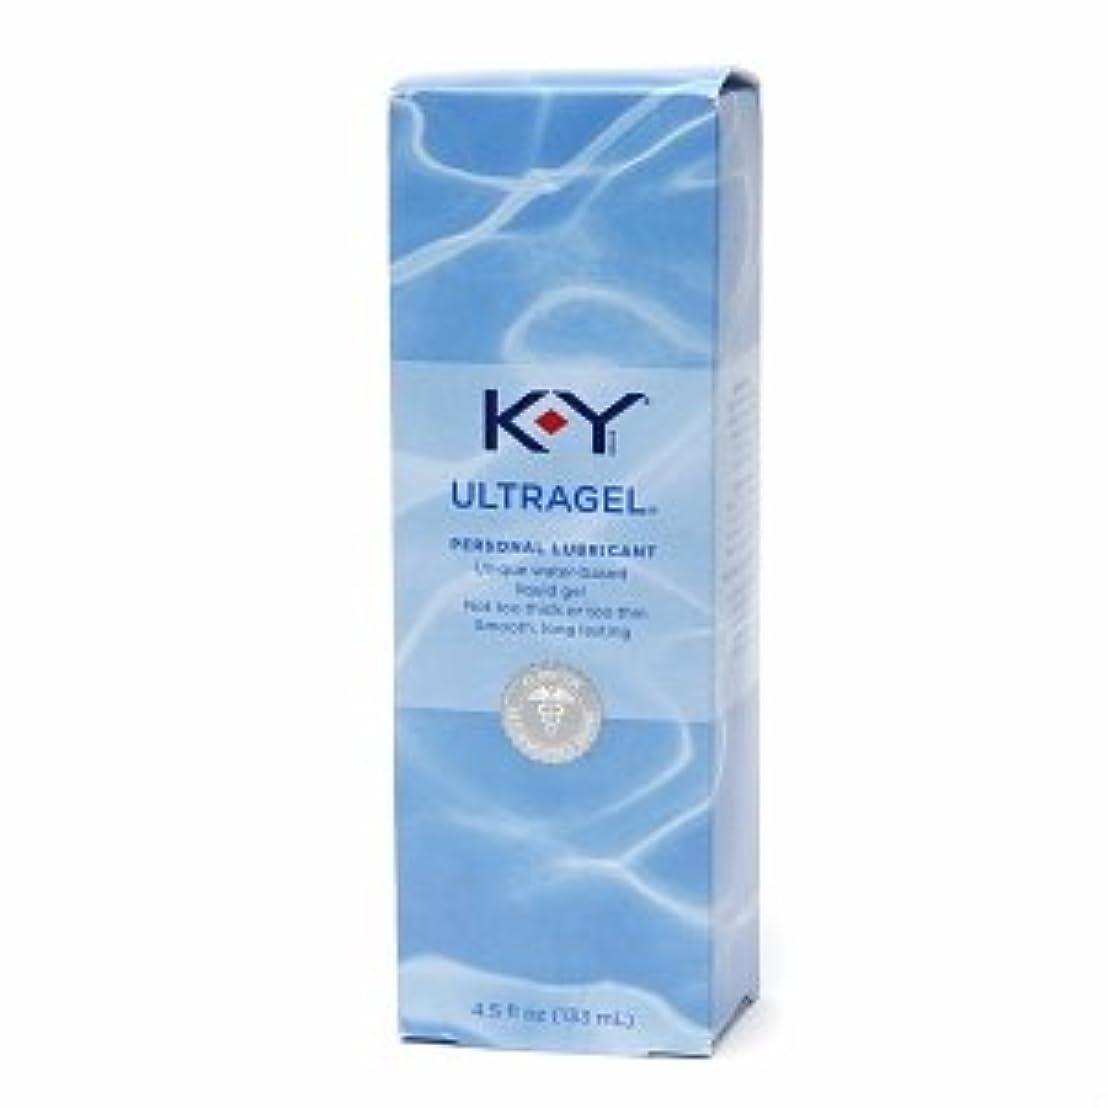 ハイライトこねる振り向く074 不感症で濡れにくい方へ【高級潤滑剤 KYゼリー】 水溶性の潤滑ジェル42g 海外直送品